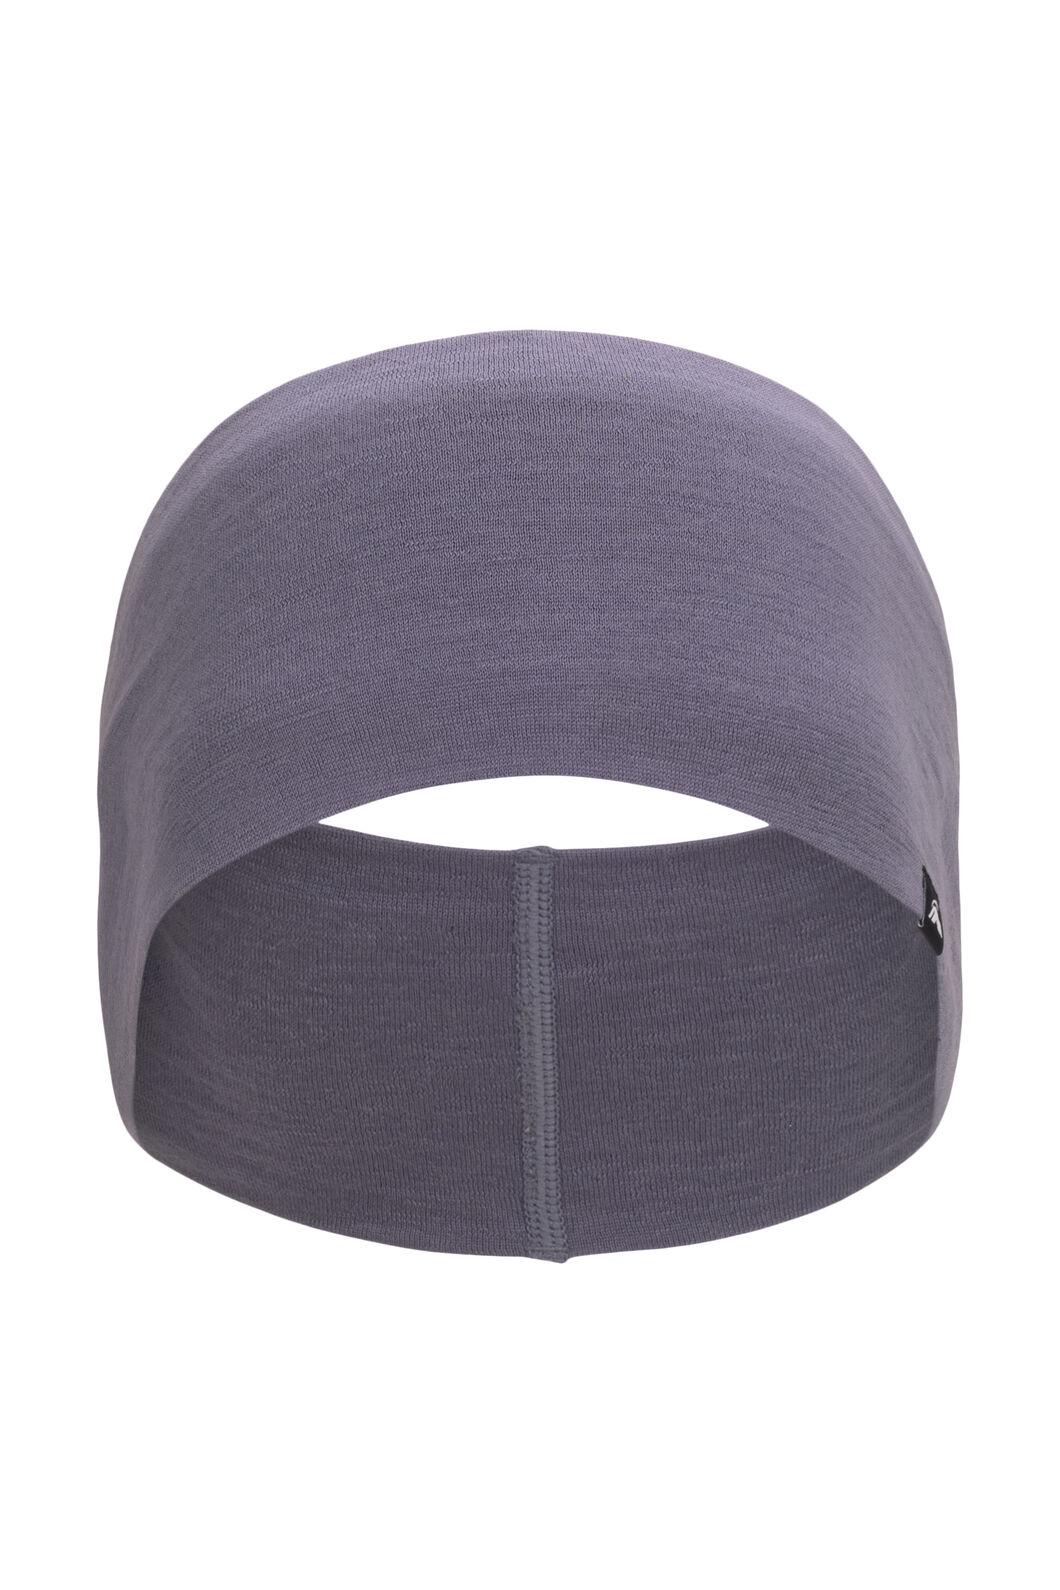 Macpac 150 Merino Headband, Blue Granite, hi-res